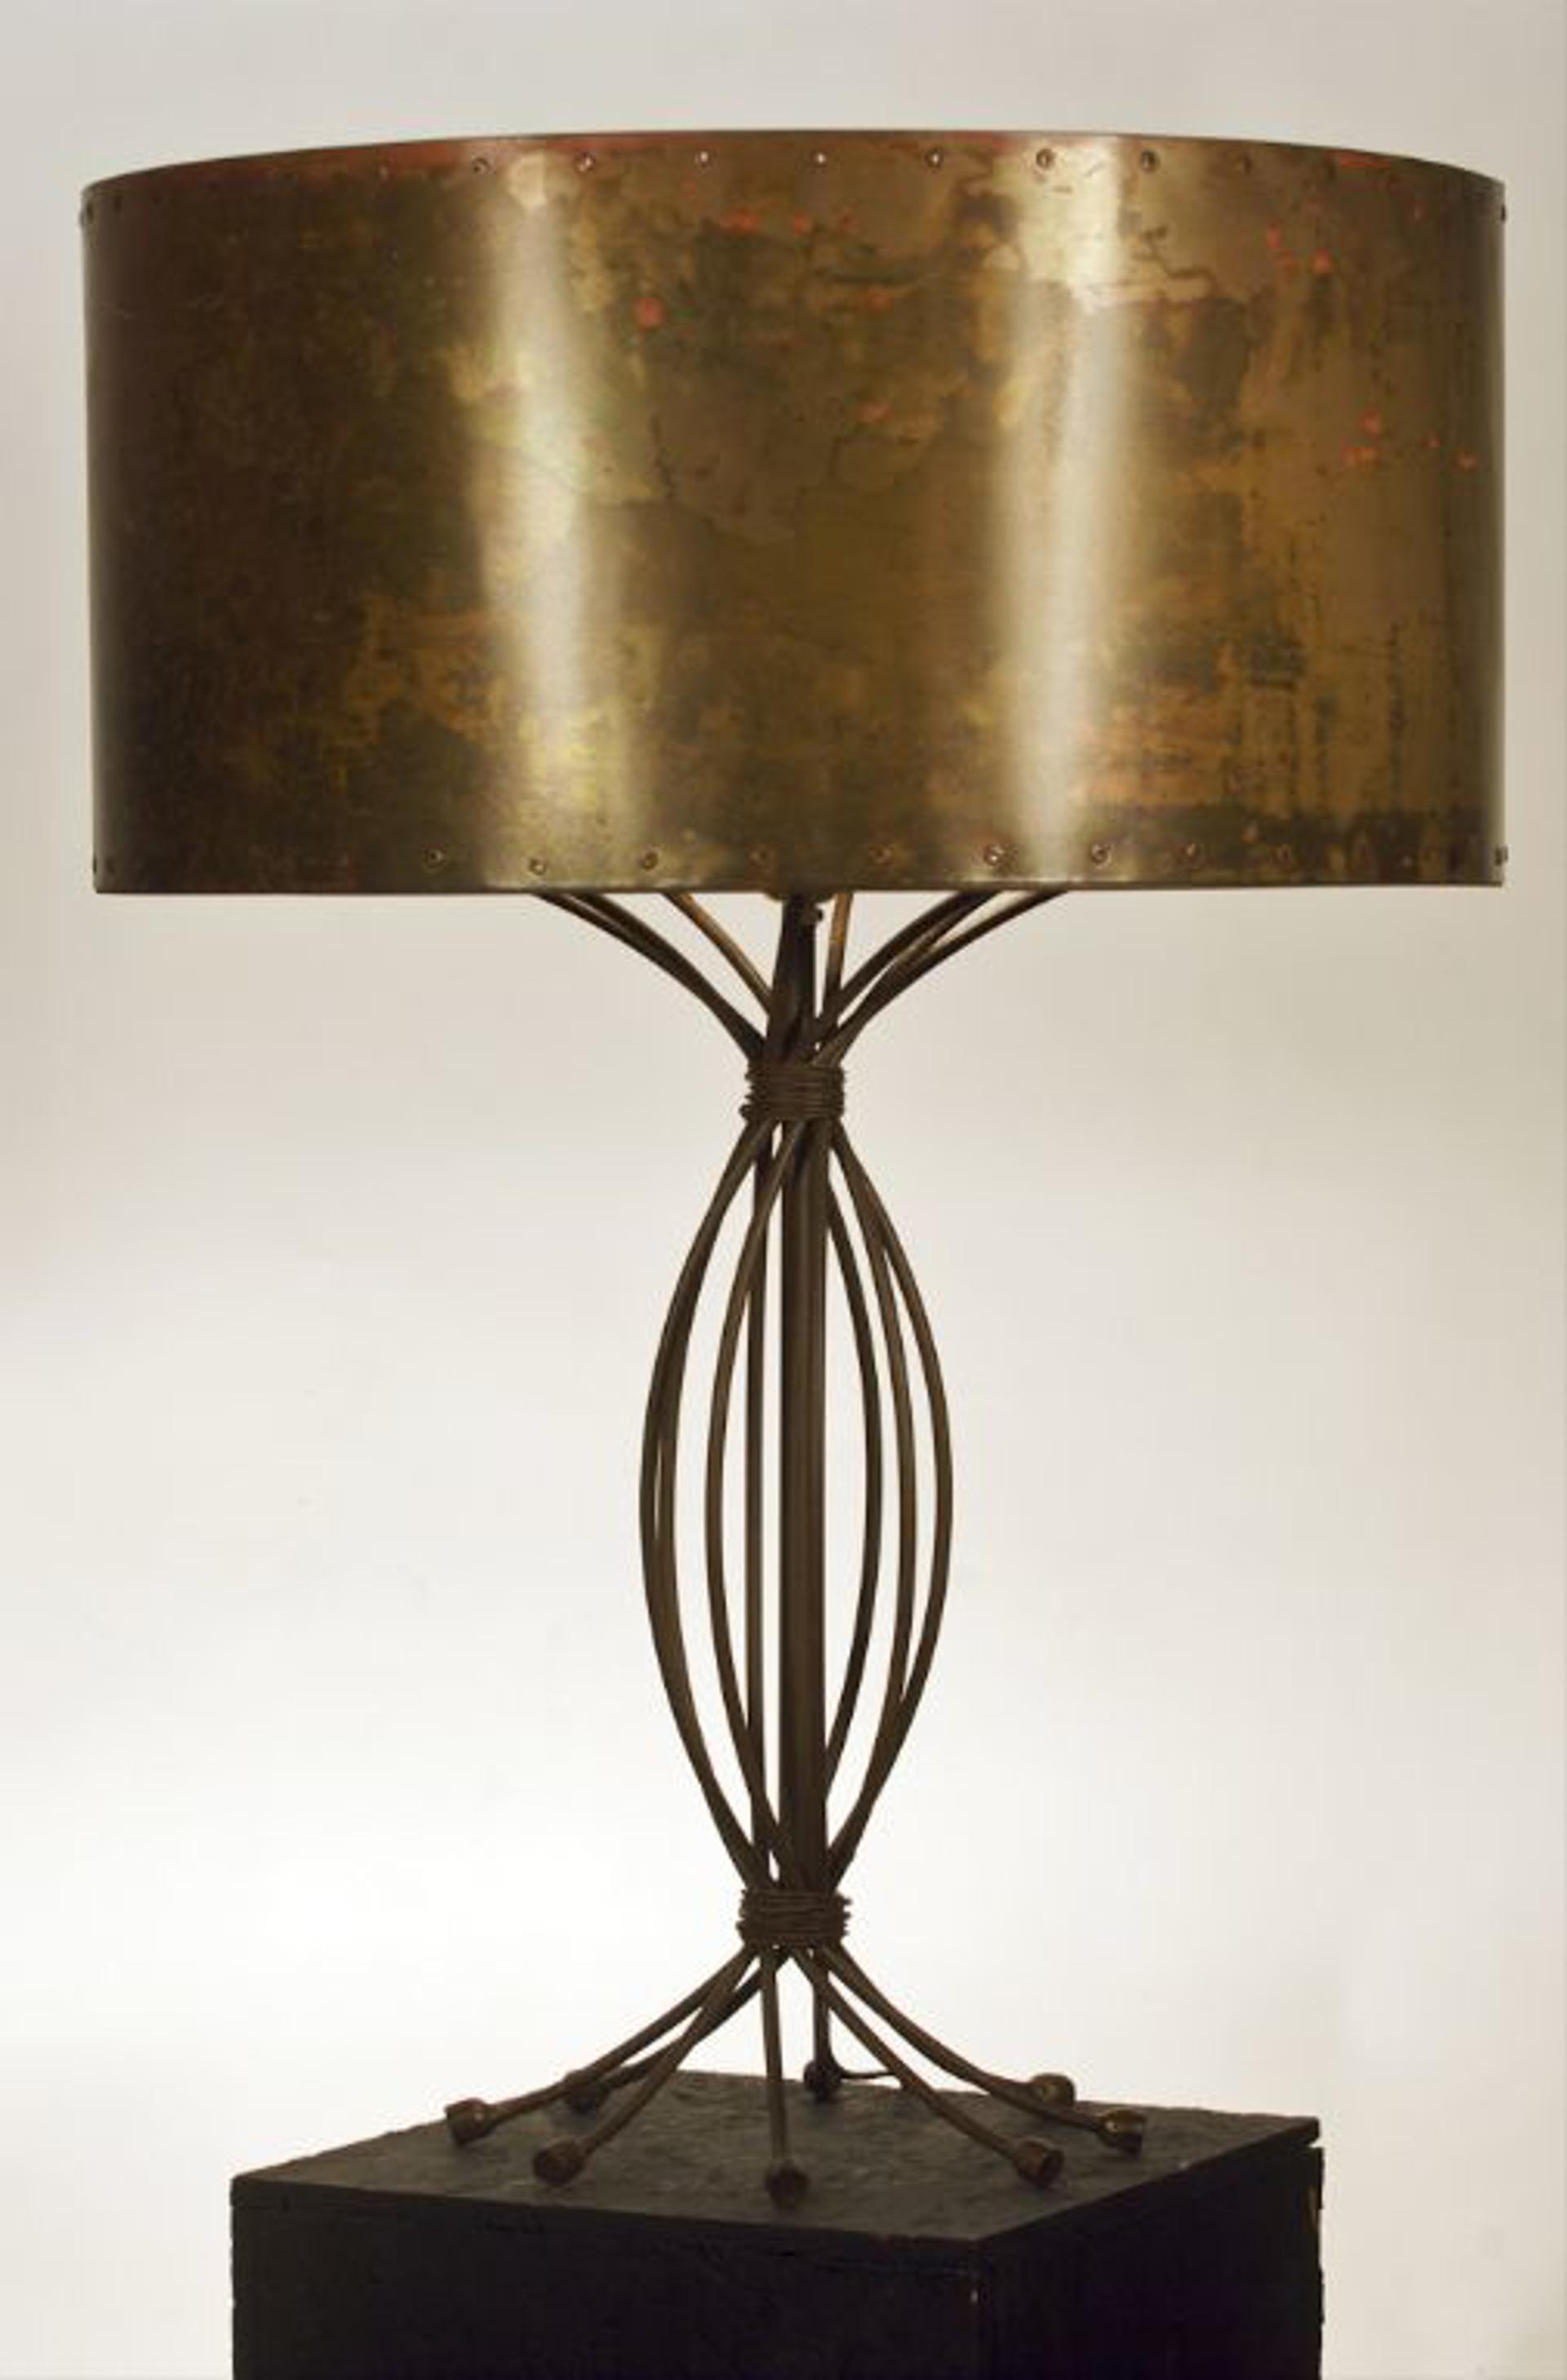 Copper Desk Lamp by Tim Adams Iron-worker